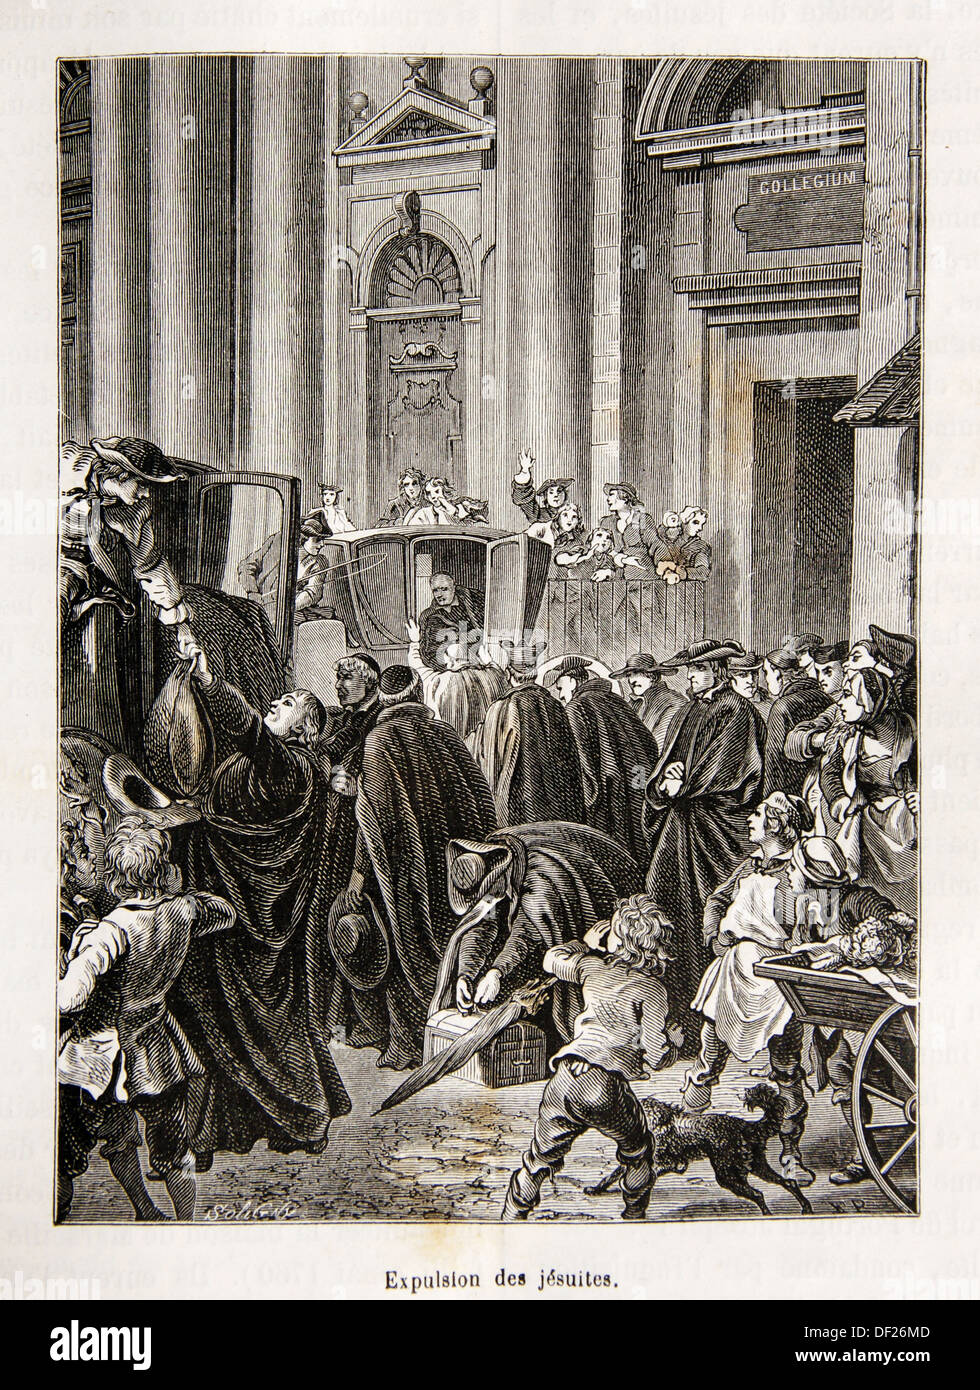 Expulsion de l'ordre des jésuites en 1767, France Photo Stock